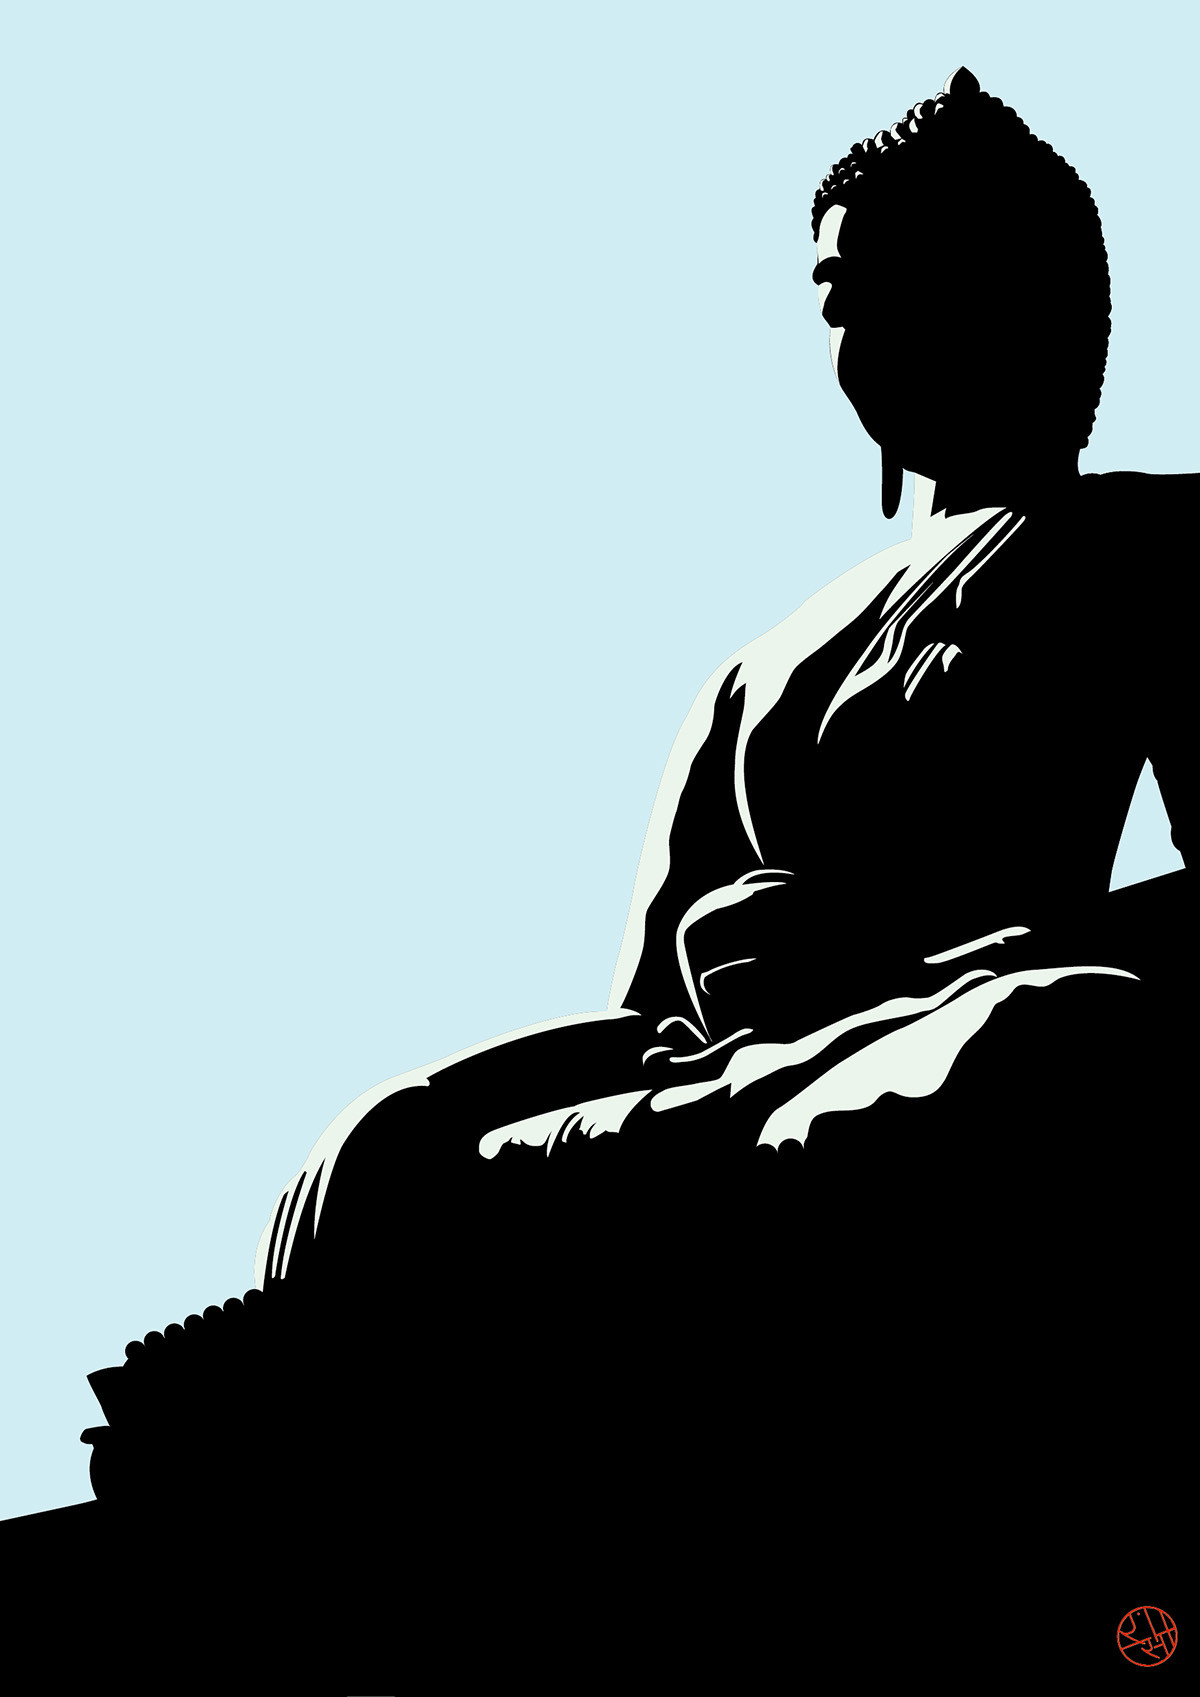 Rajesh sawant bhutan buddha2 01